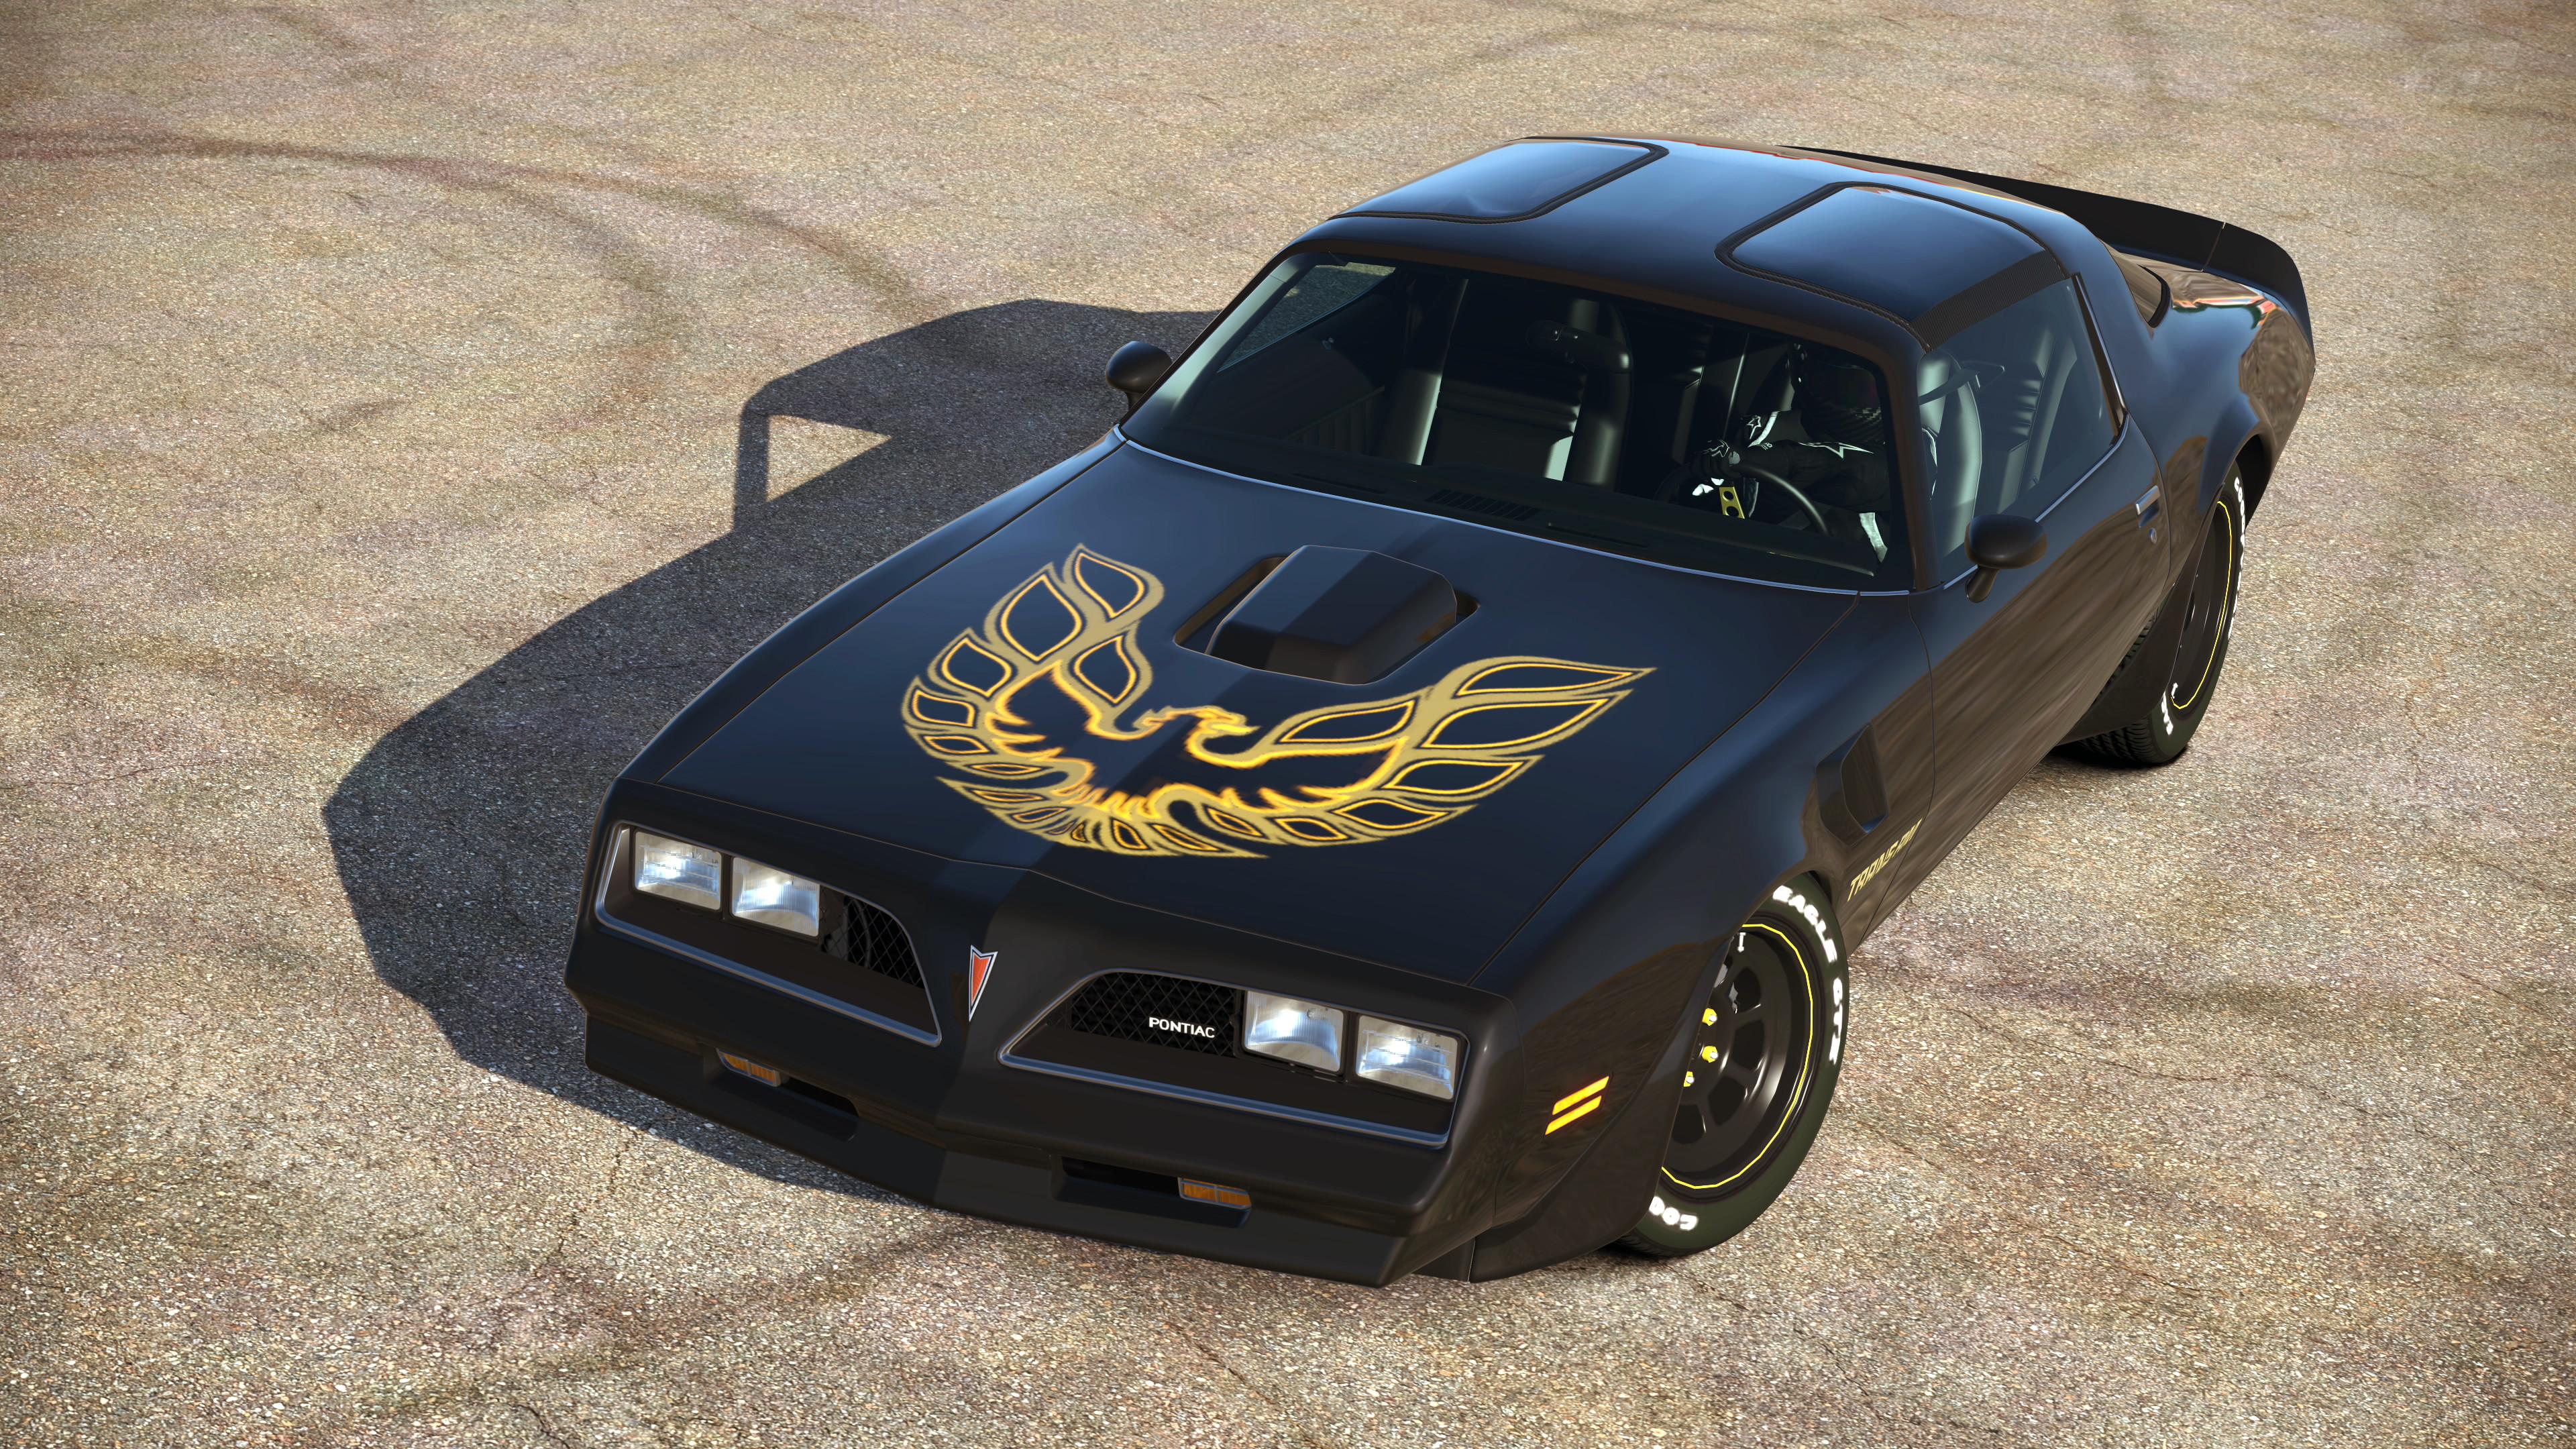 Res: 3840x2160, Pontiac Firebird Trans Am 2014